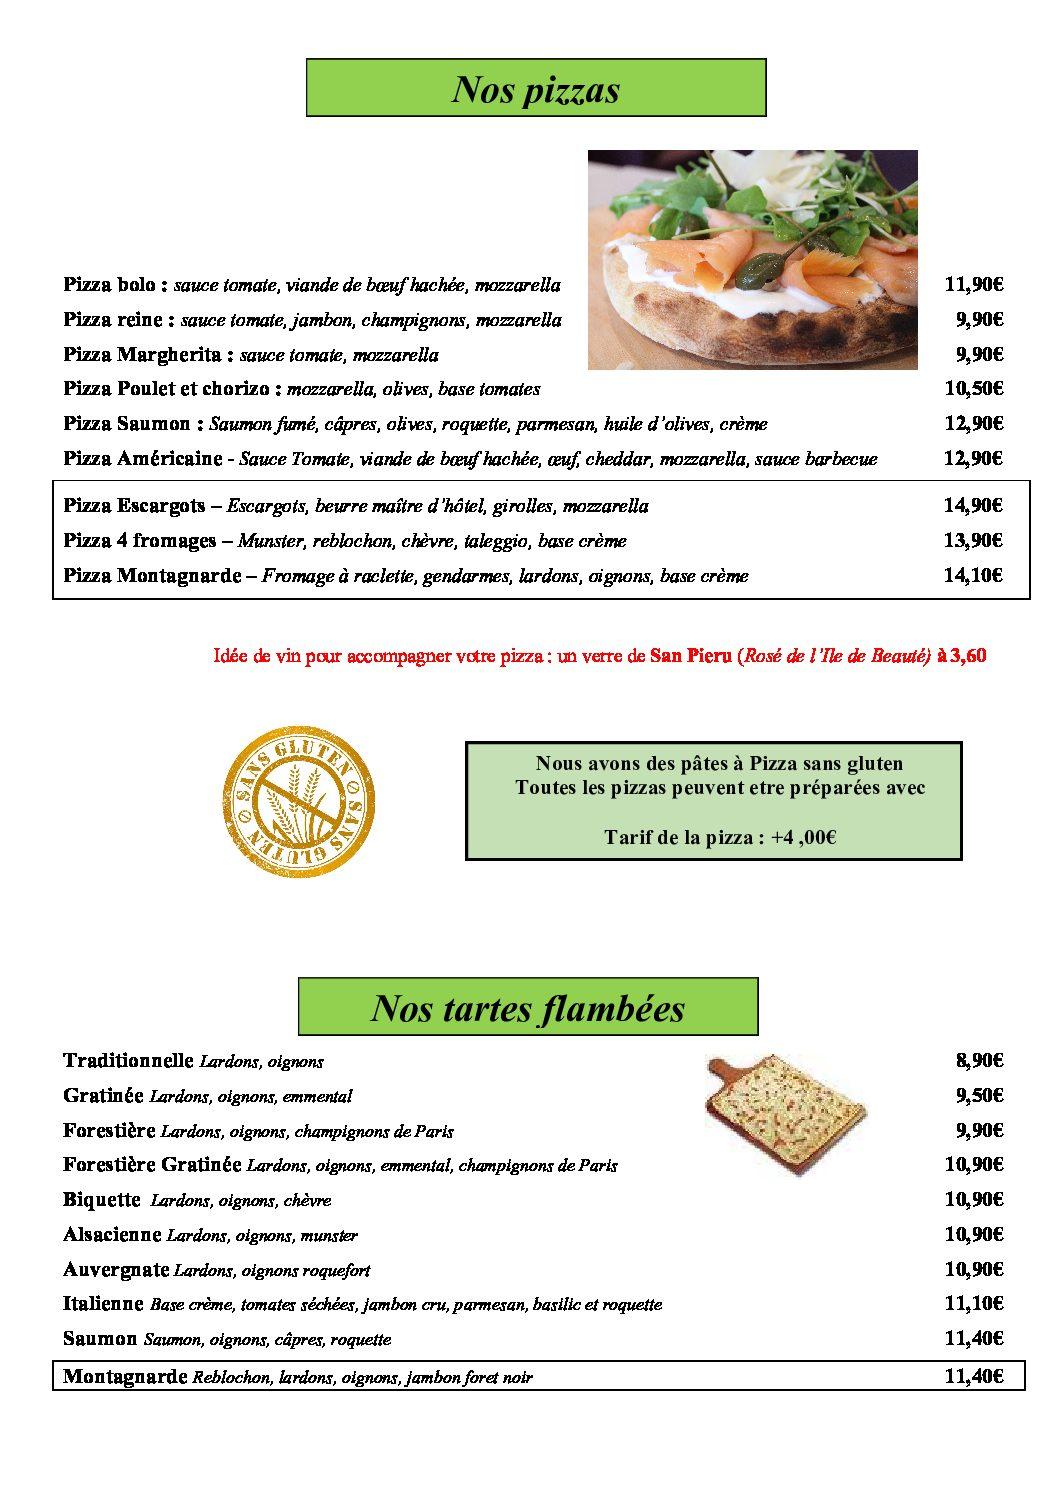 page 10 - pizzas et tf